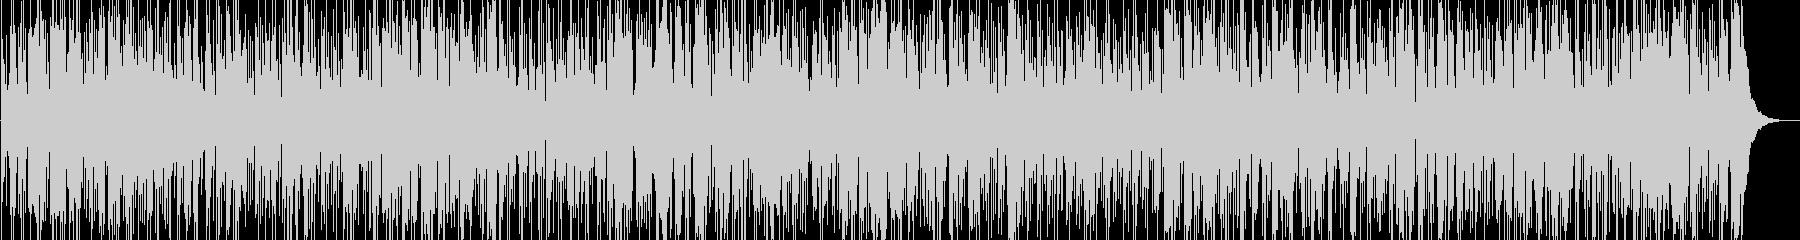 秋に想いを焦がすイメージのジャズファンクの未再生の波形